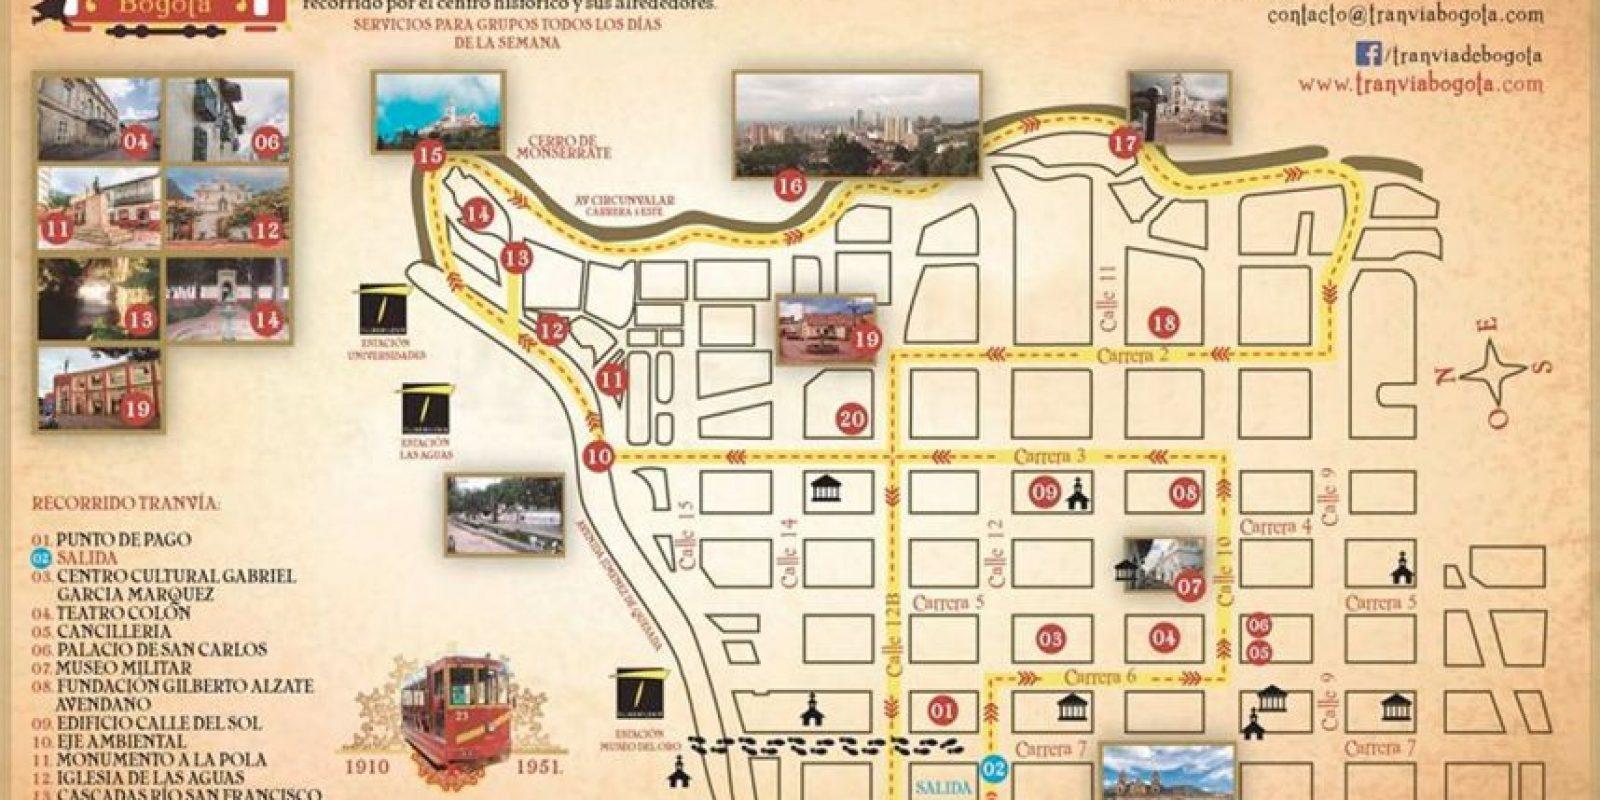 Este es el recorrido que realiza el Tranvía en el centro de Bogotá.